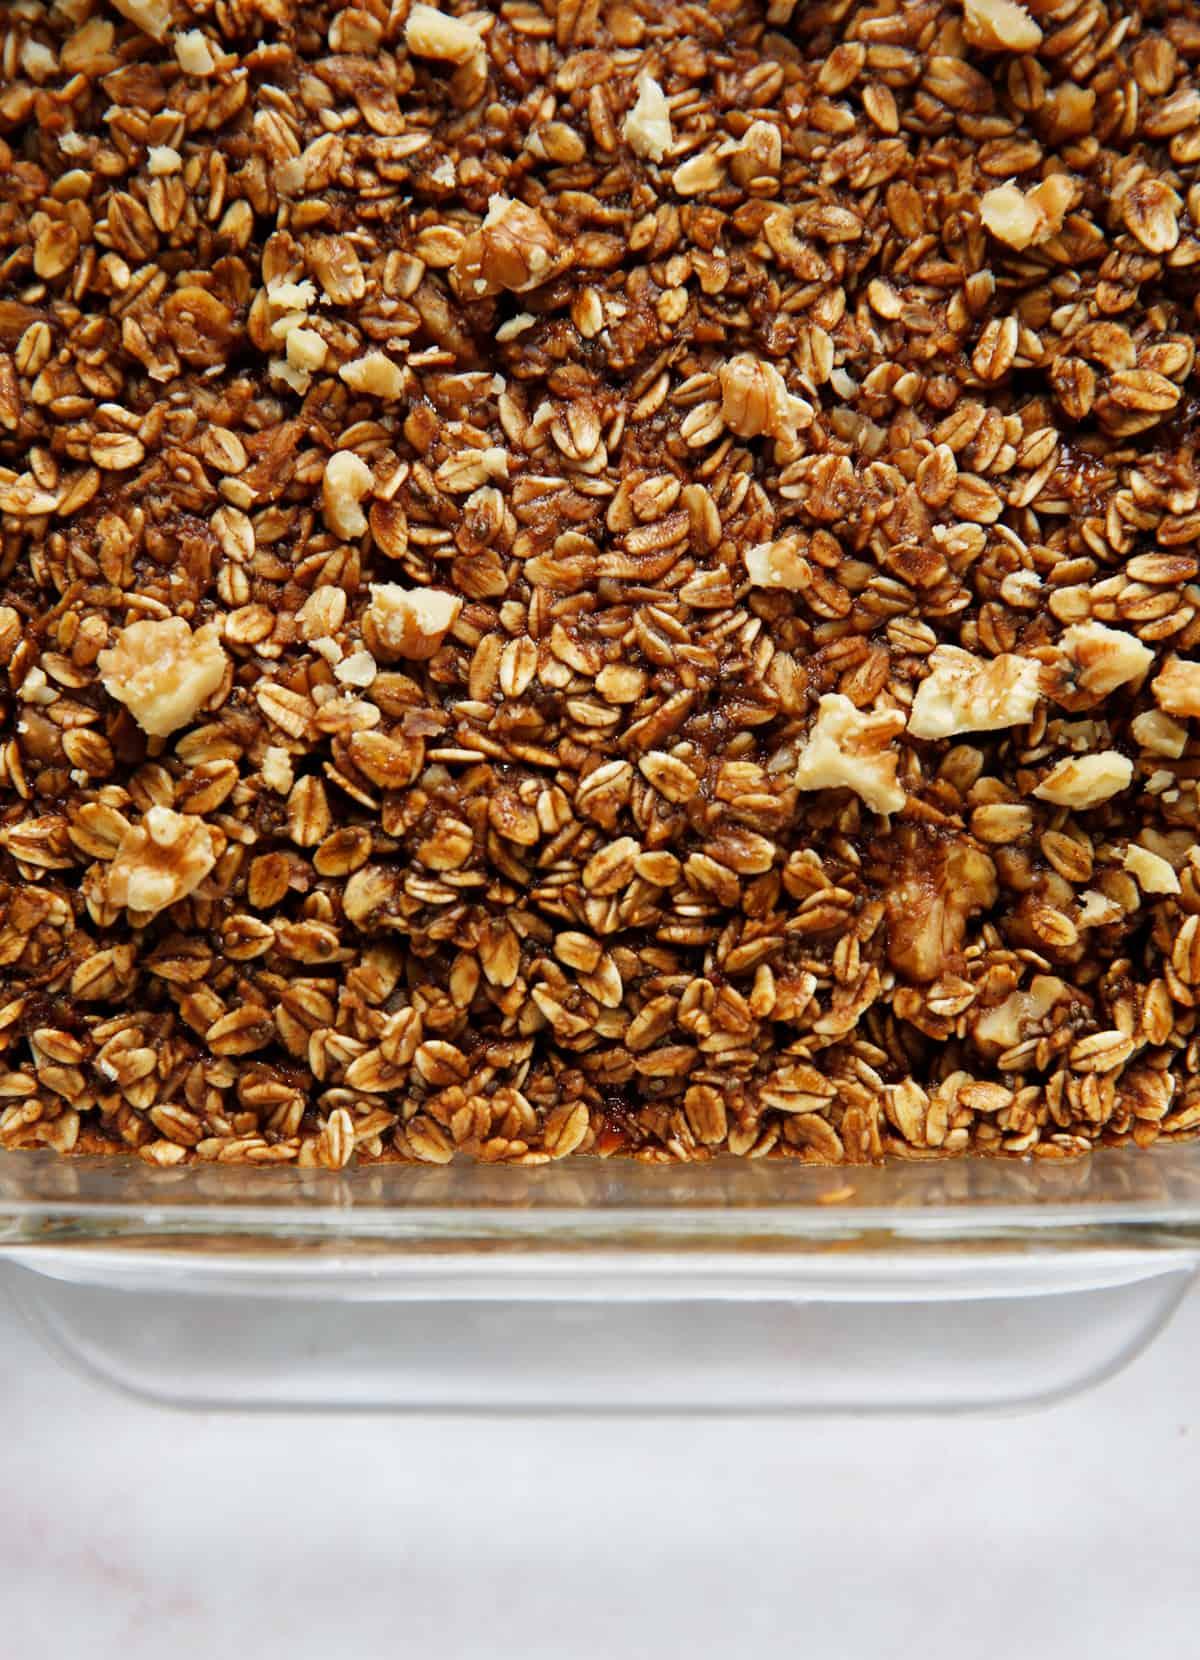 Gingerbread oatmeal casserole